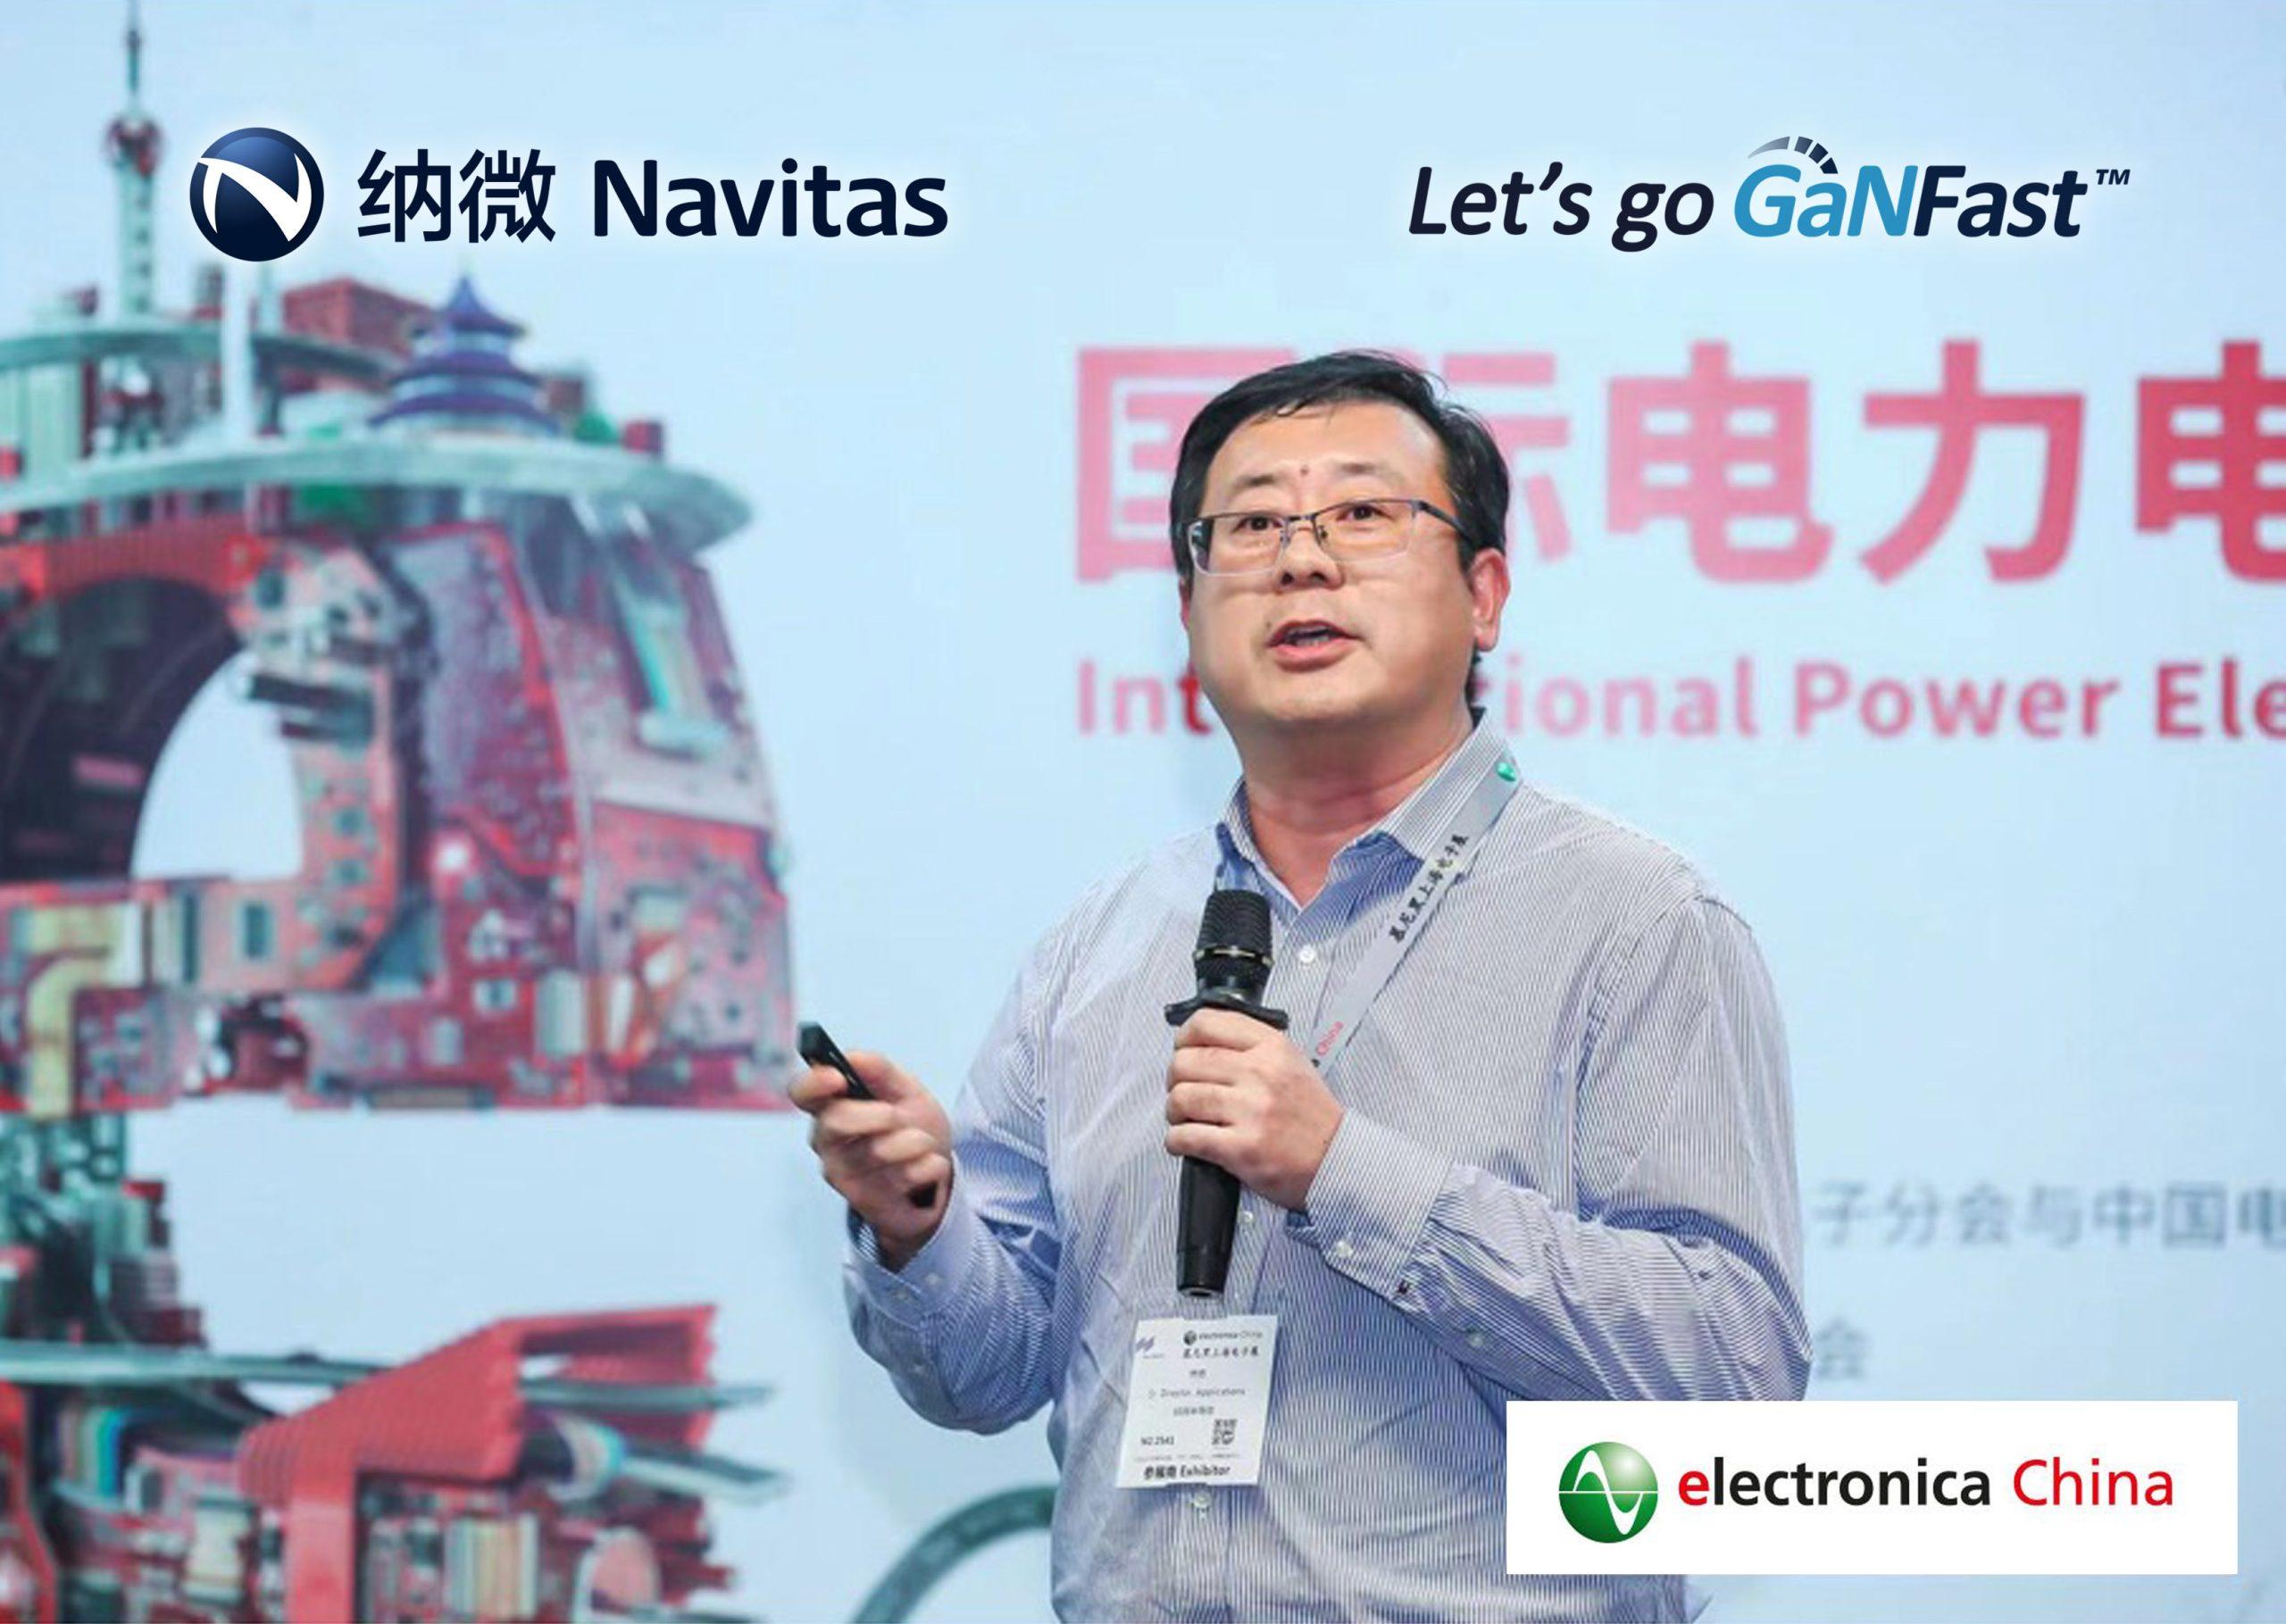 纳微半导体闪亮登场慕尼黑上海电子展,氮化镓最新工业级应用产品首次公开亮相